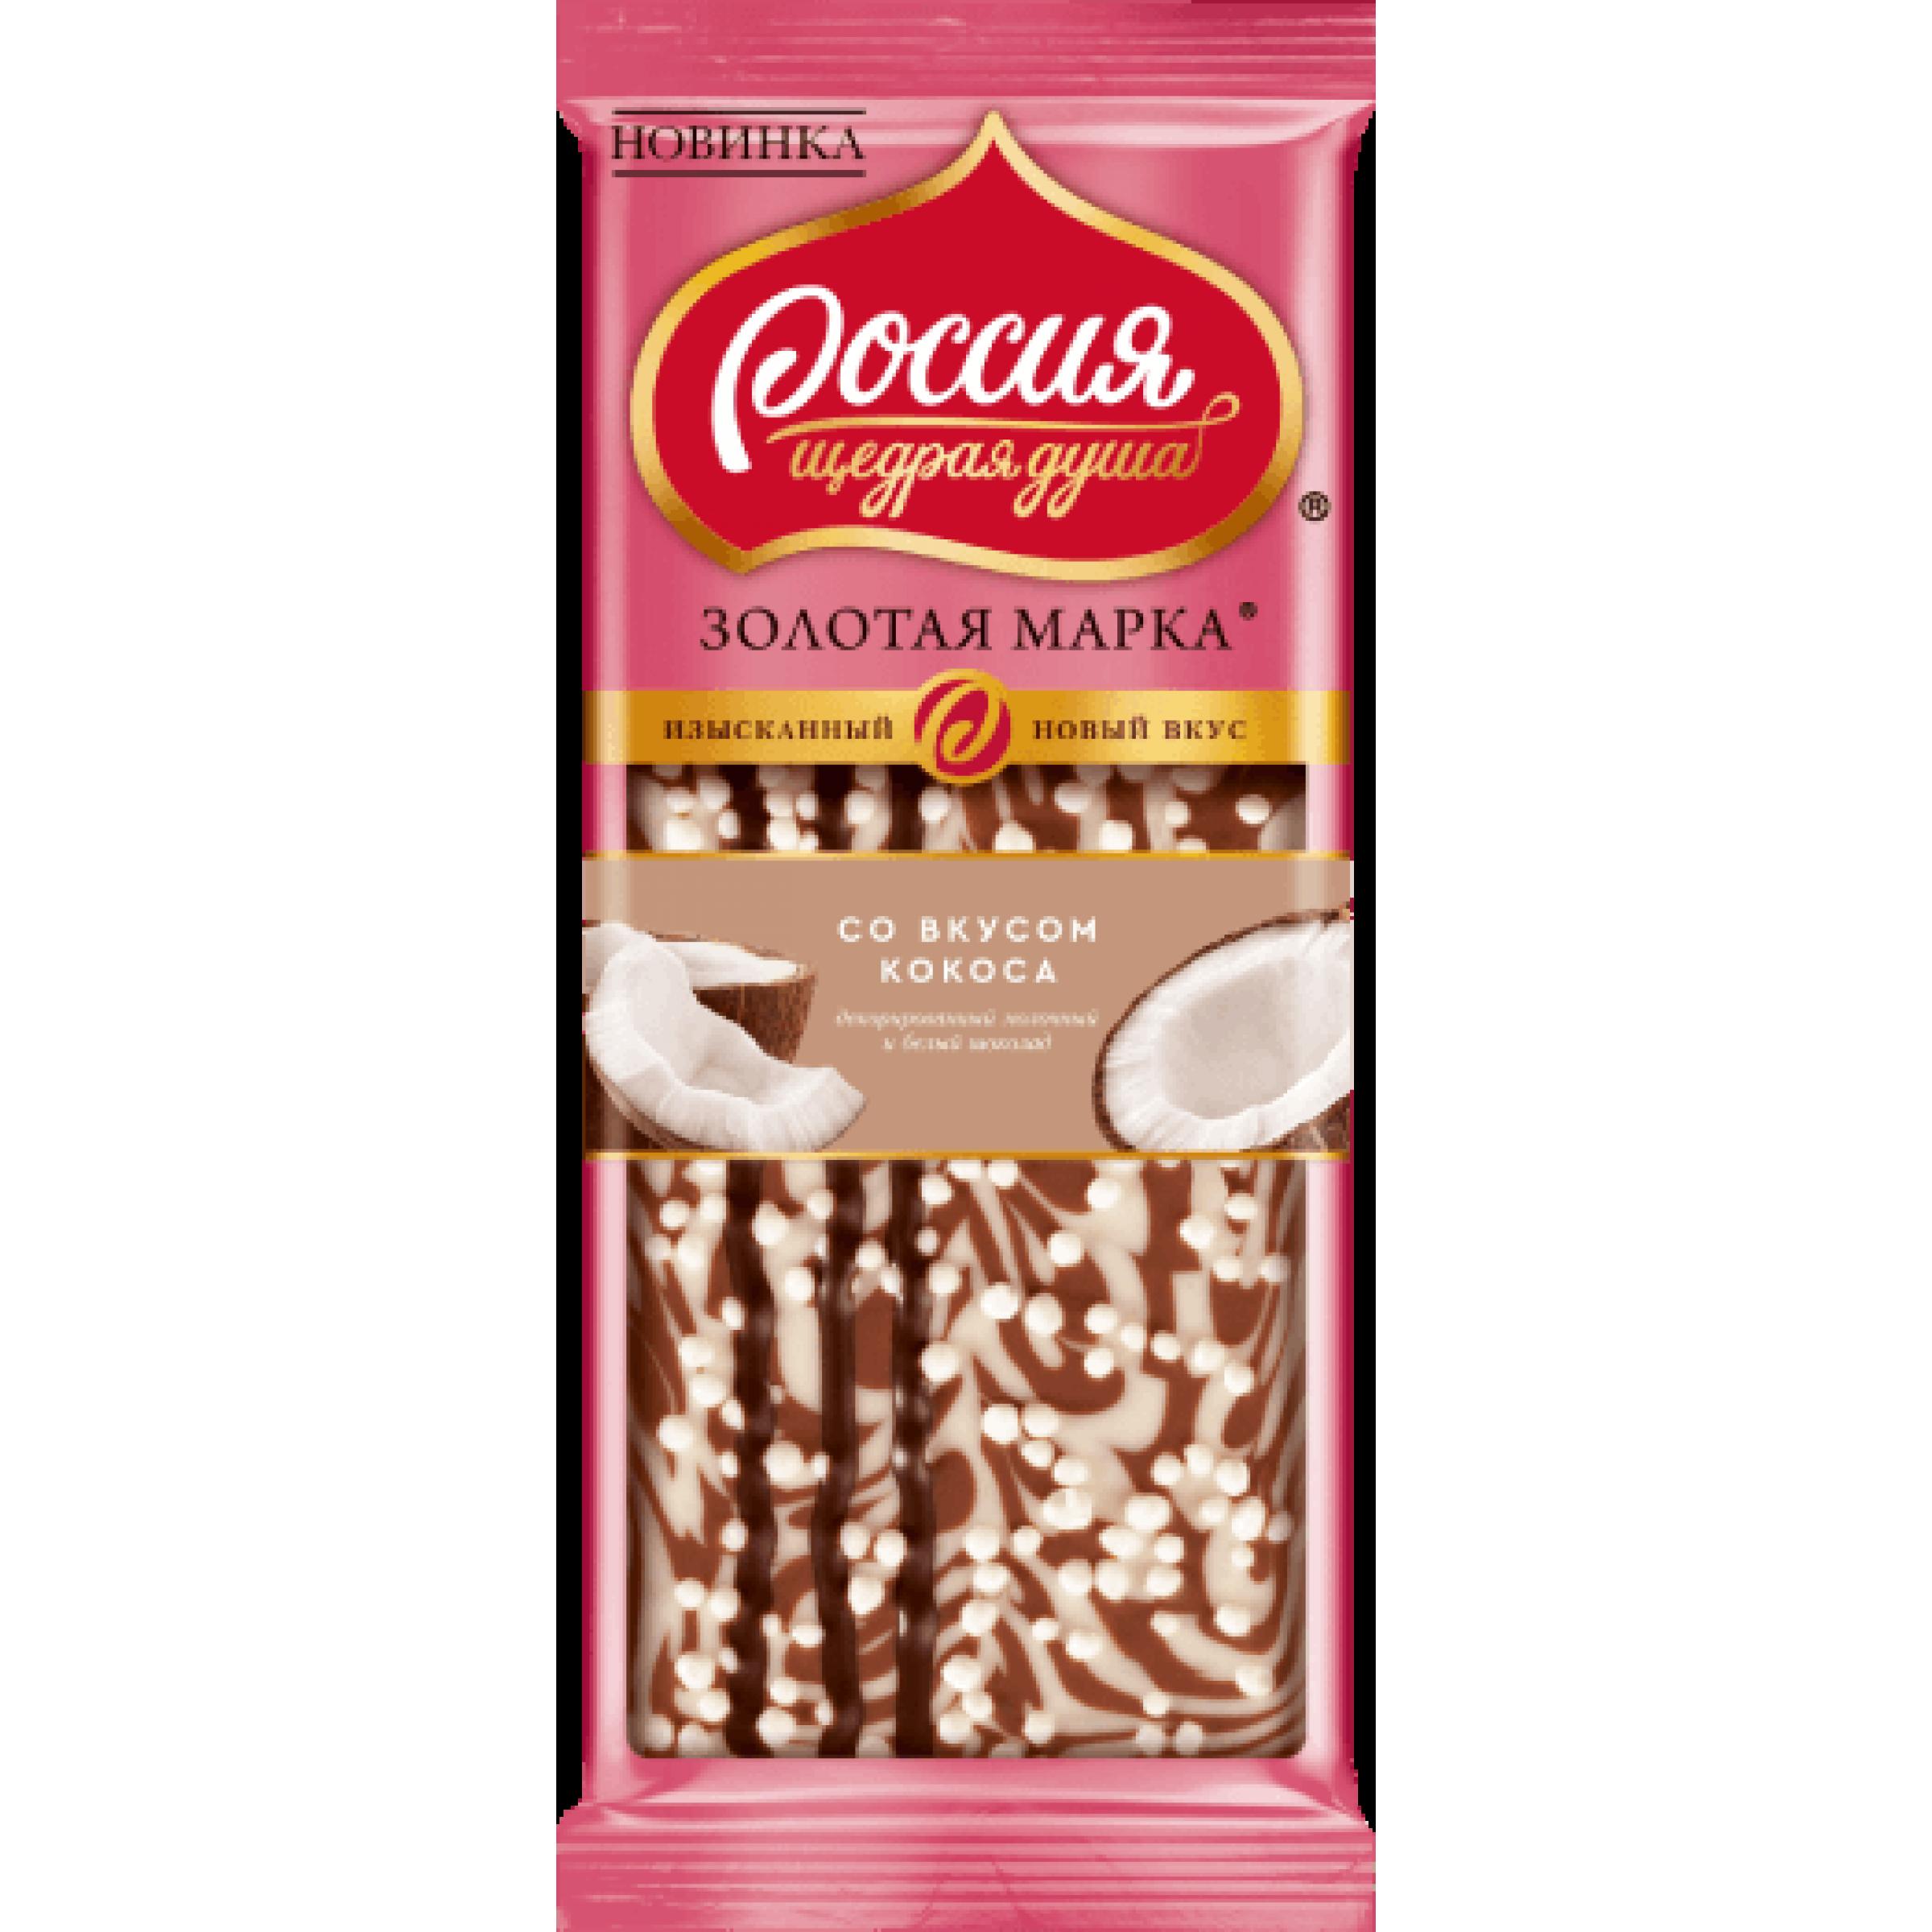 """Шоколад """"Россия - щедрая душа!"""" Золотая марка Молочный и белый шоколад со вкусом кокоса, 80гр."""